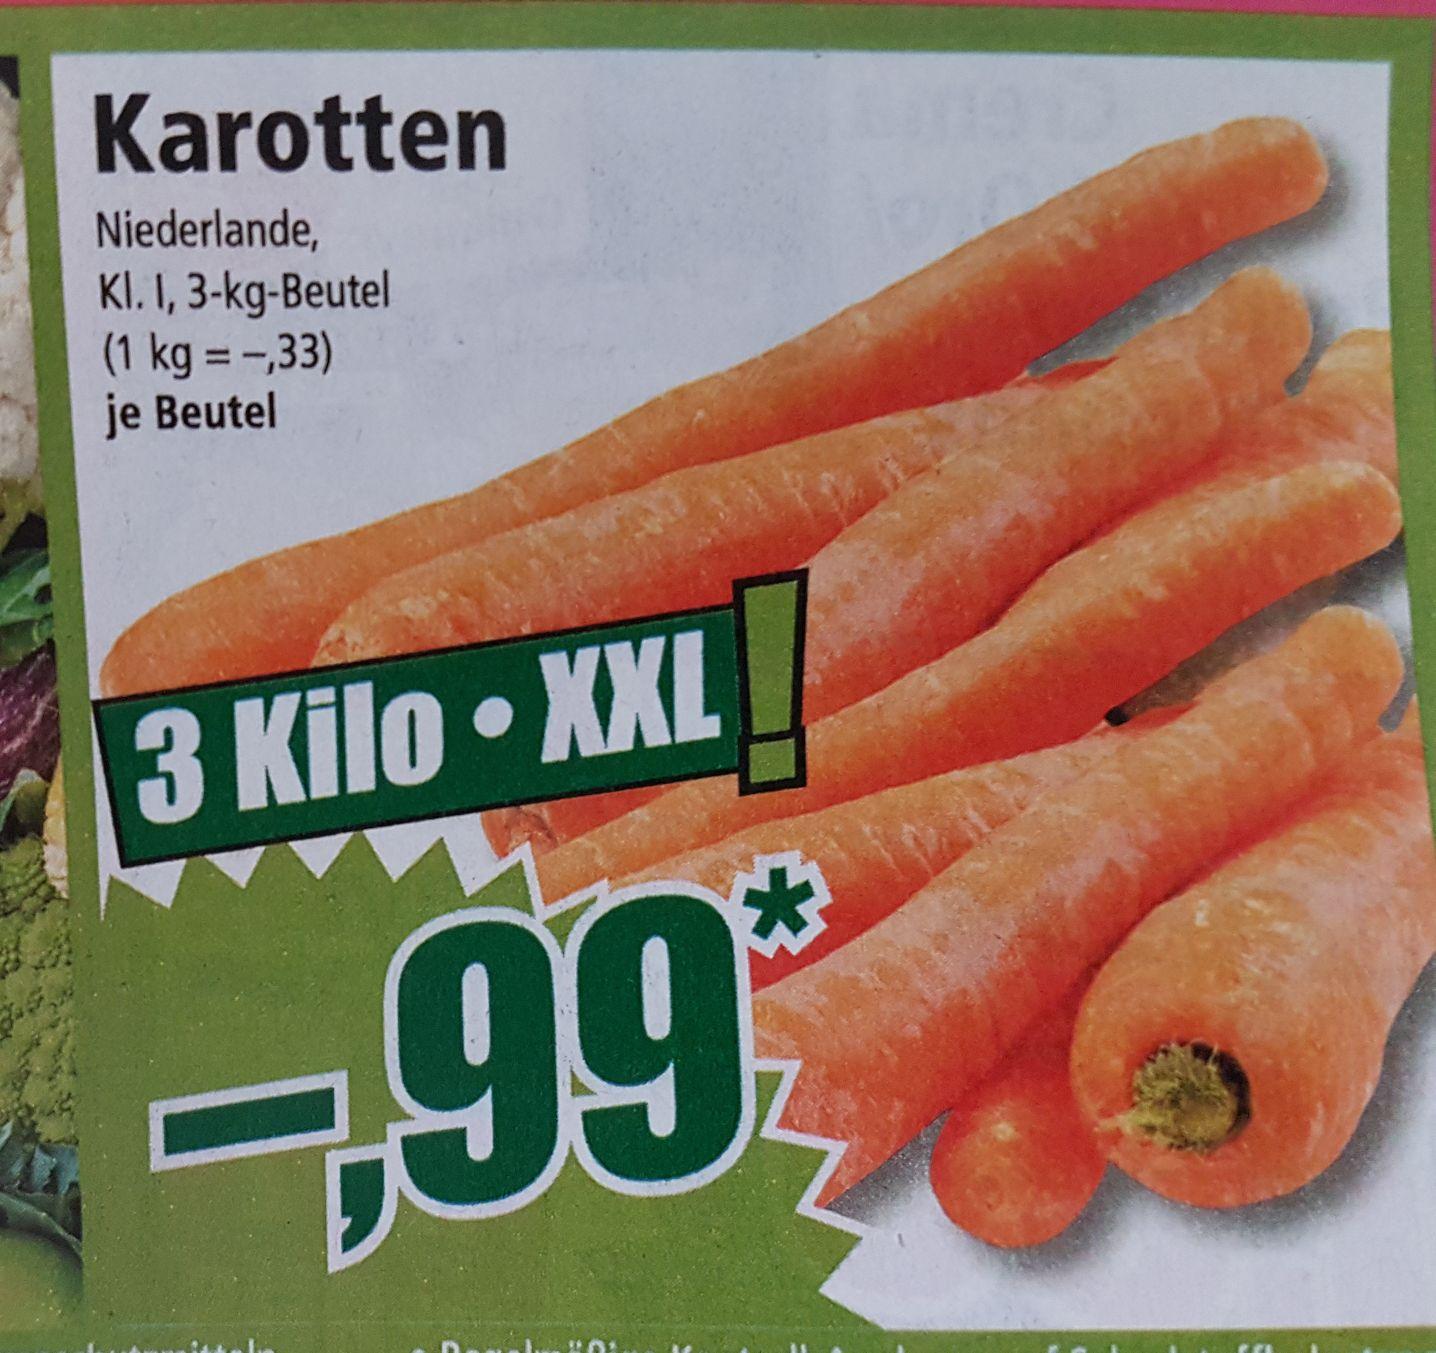 [NORMA bundesweit] 3 Kilo Karotten für 0.99€